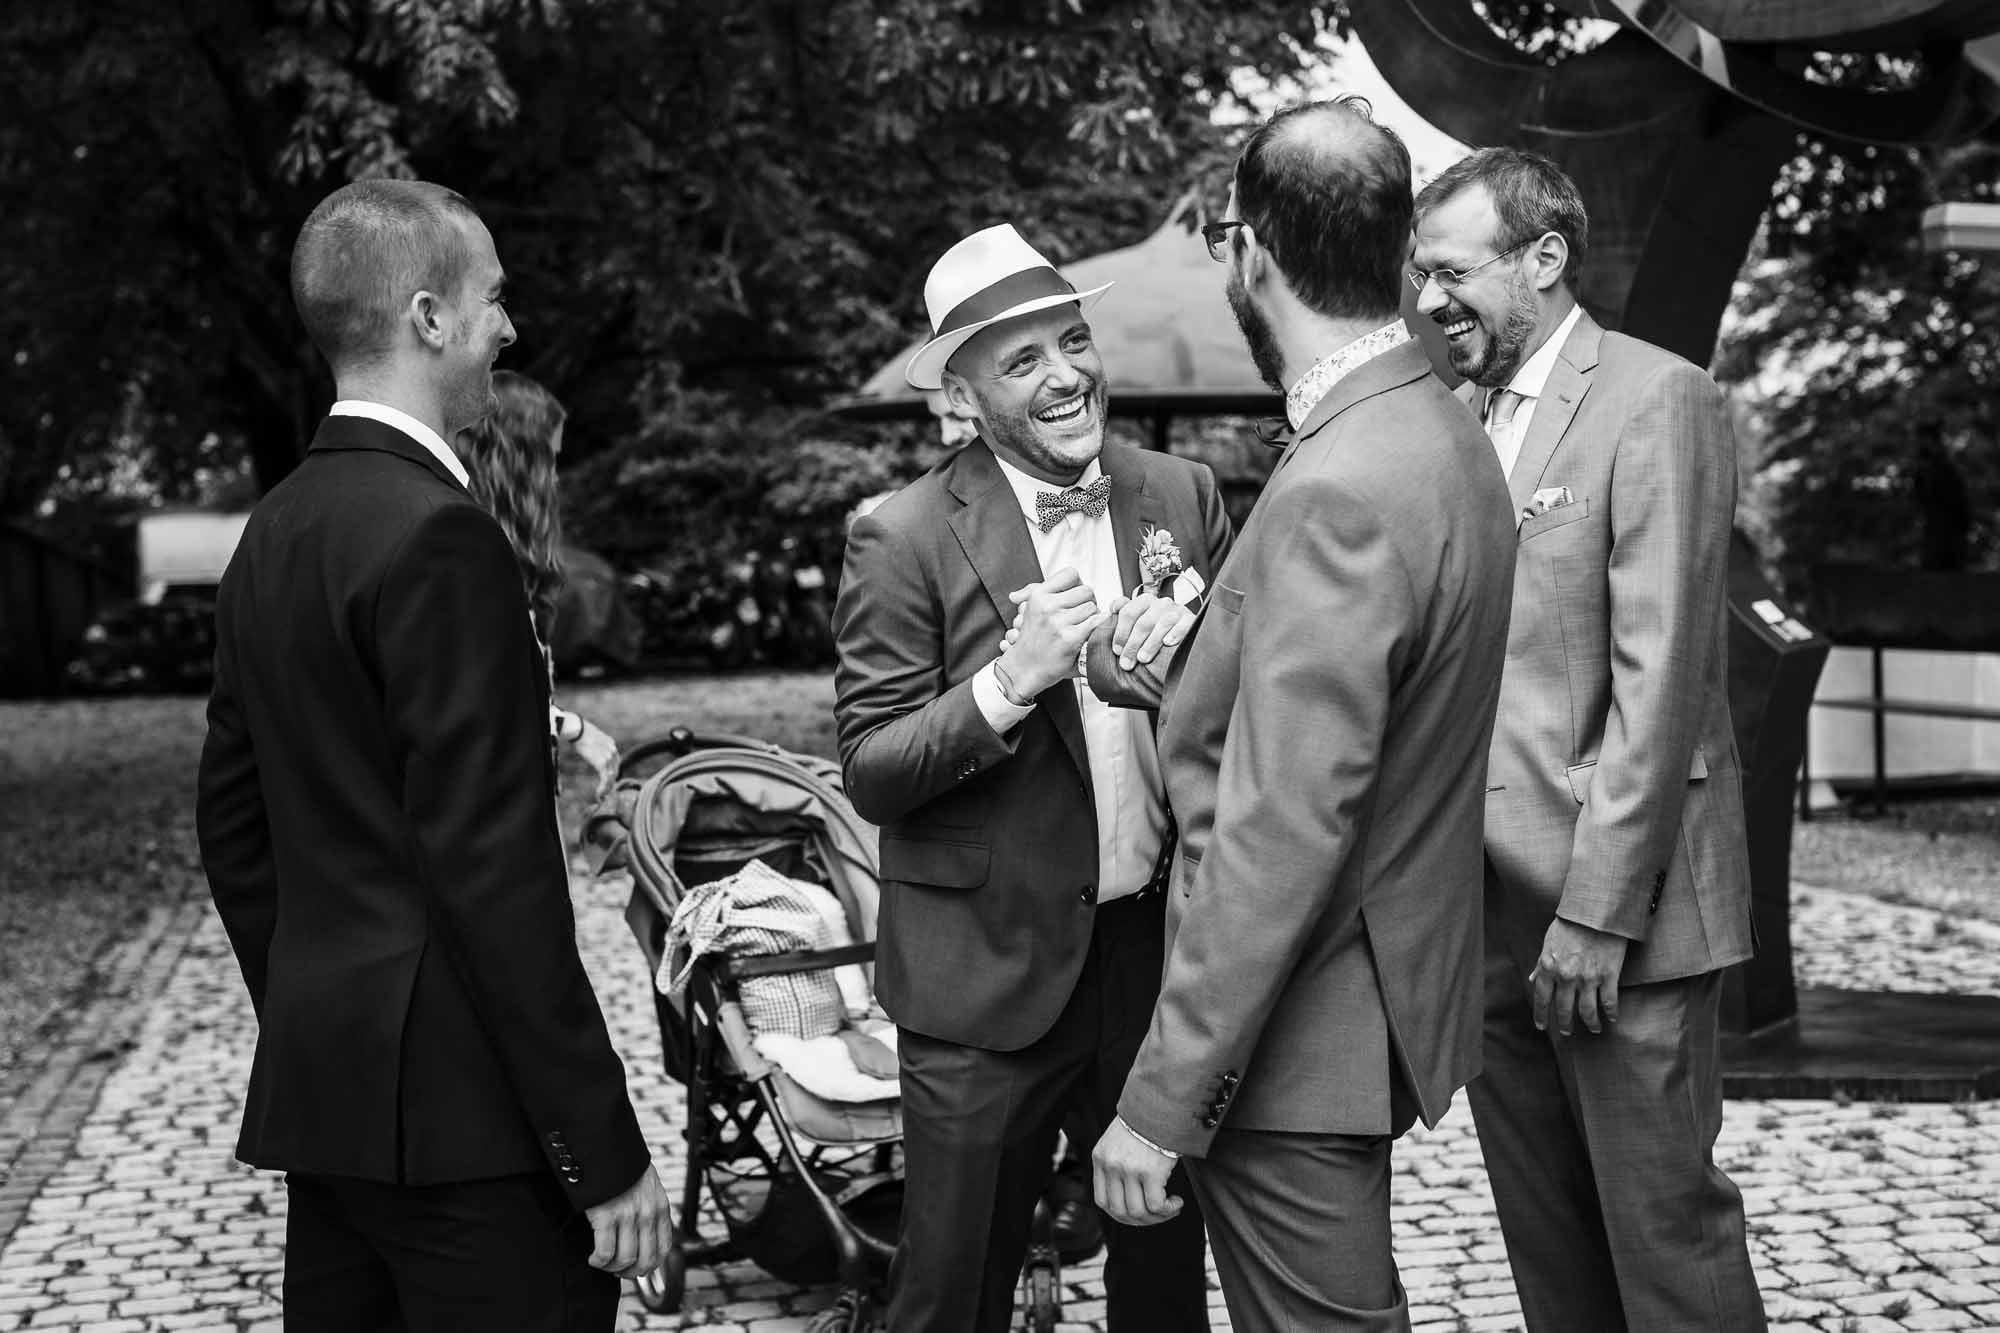 Bräutigam begrüsst mit Handschlag Kollegen